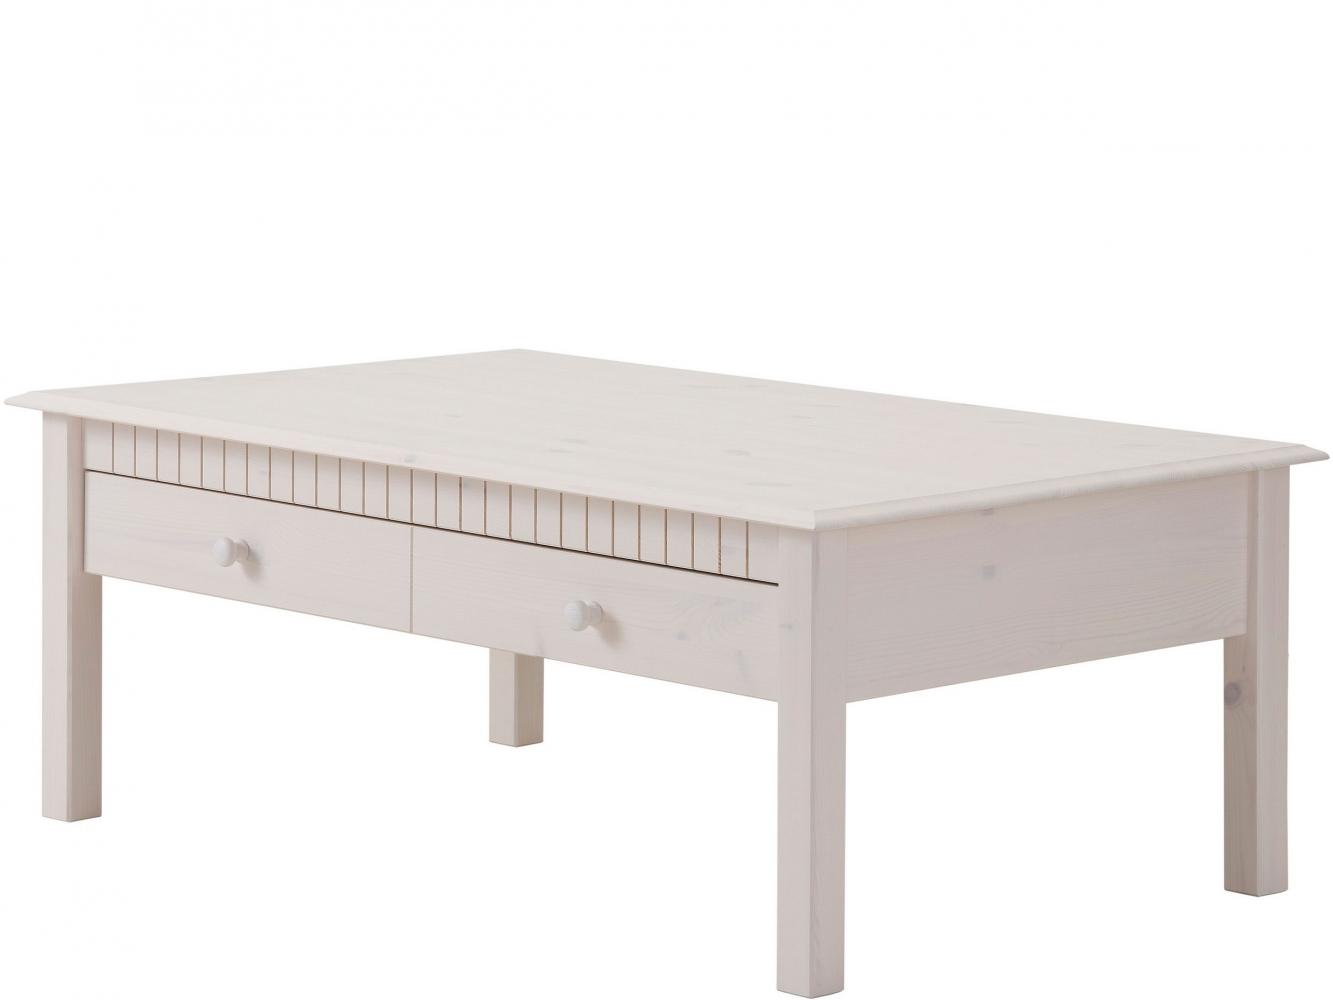 Konferenční stolek Linde, 110 cm, bílá